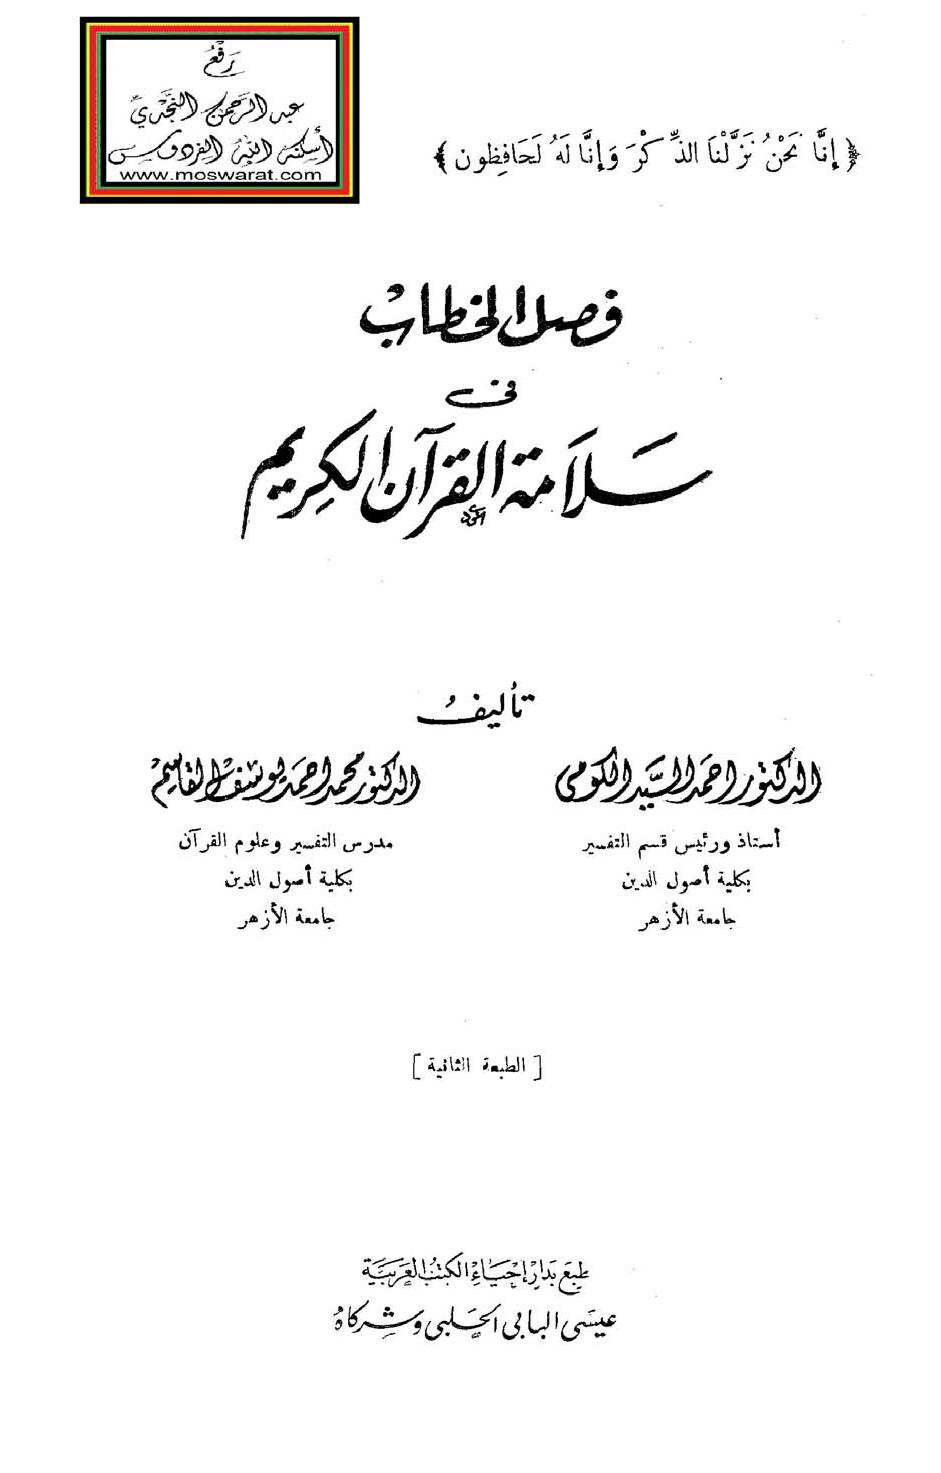 تحميل كتاب فصل الخطاب في سلامة القرآن الكريم لـِ: الدكتور أحمد السيد علي الكومي